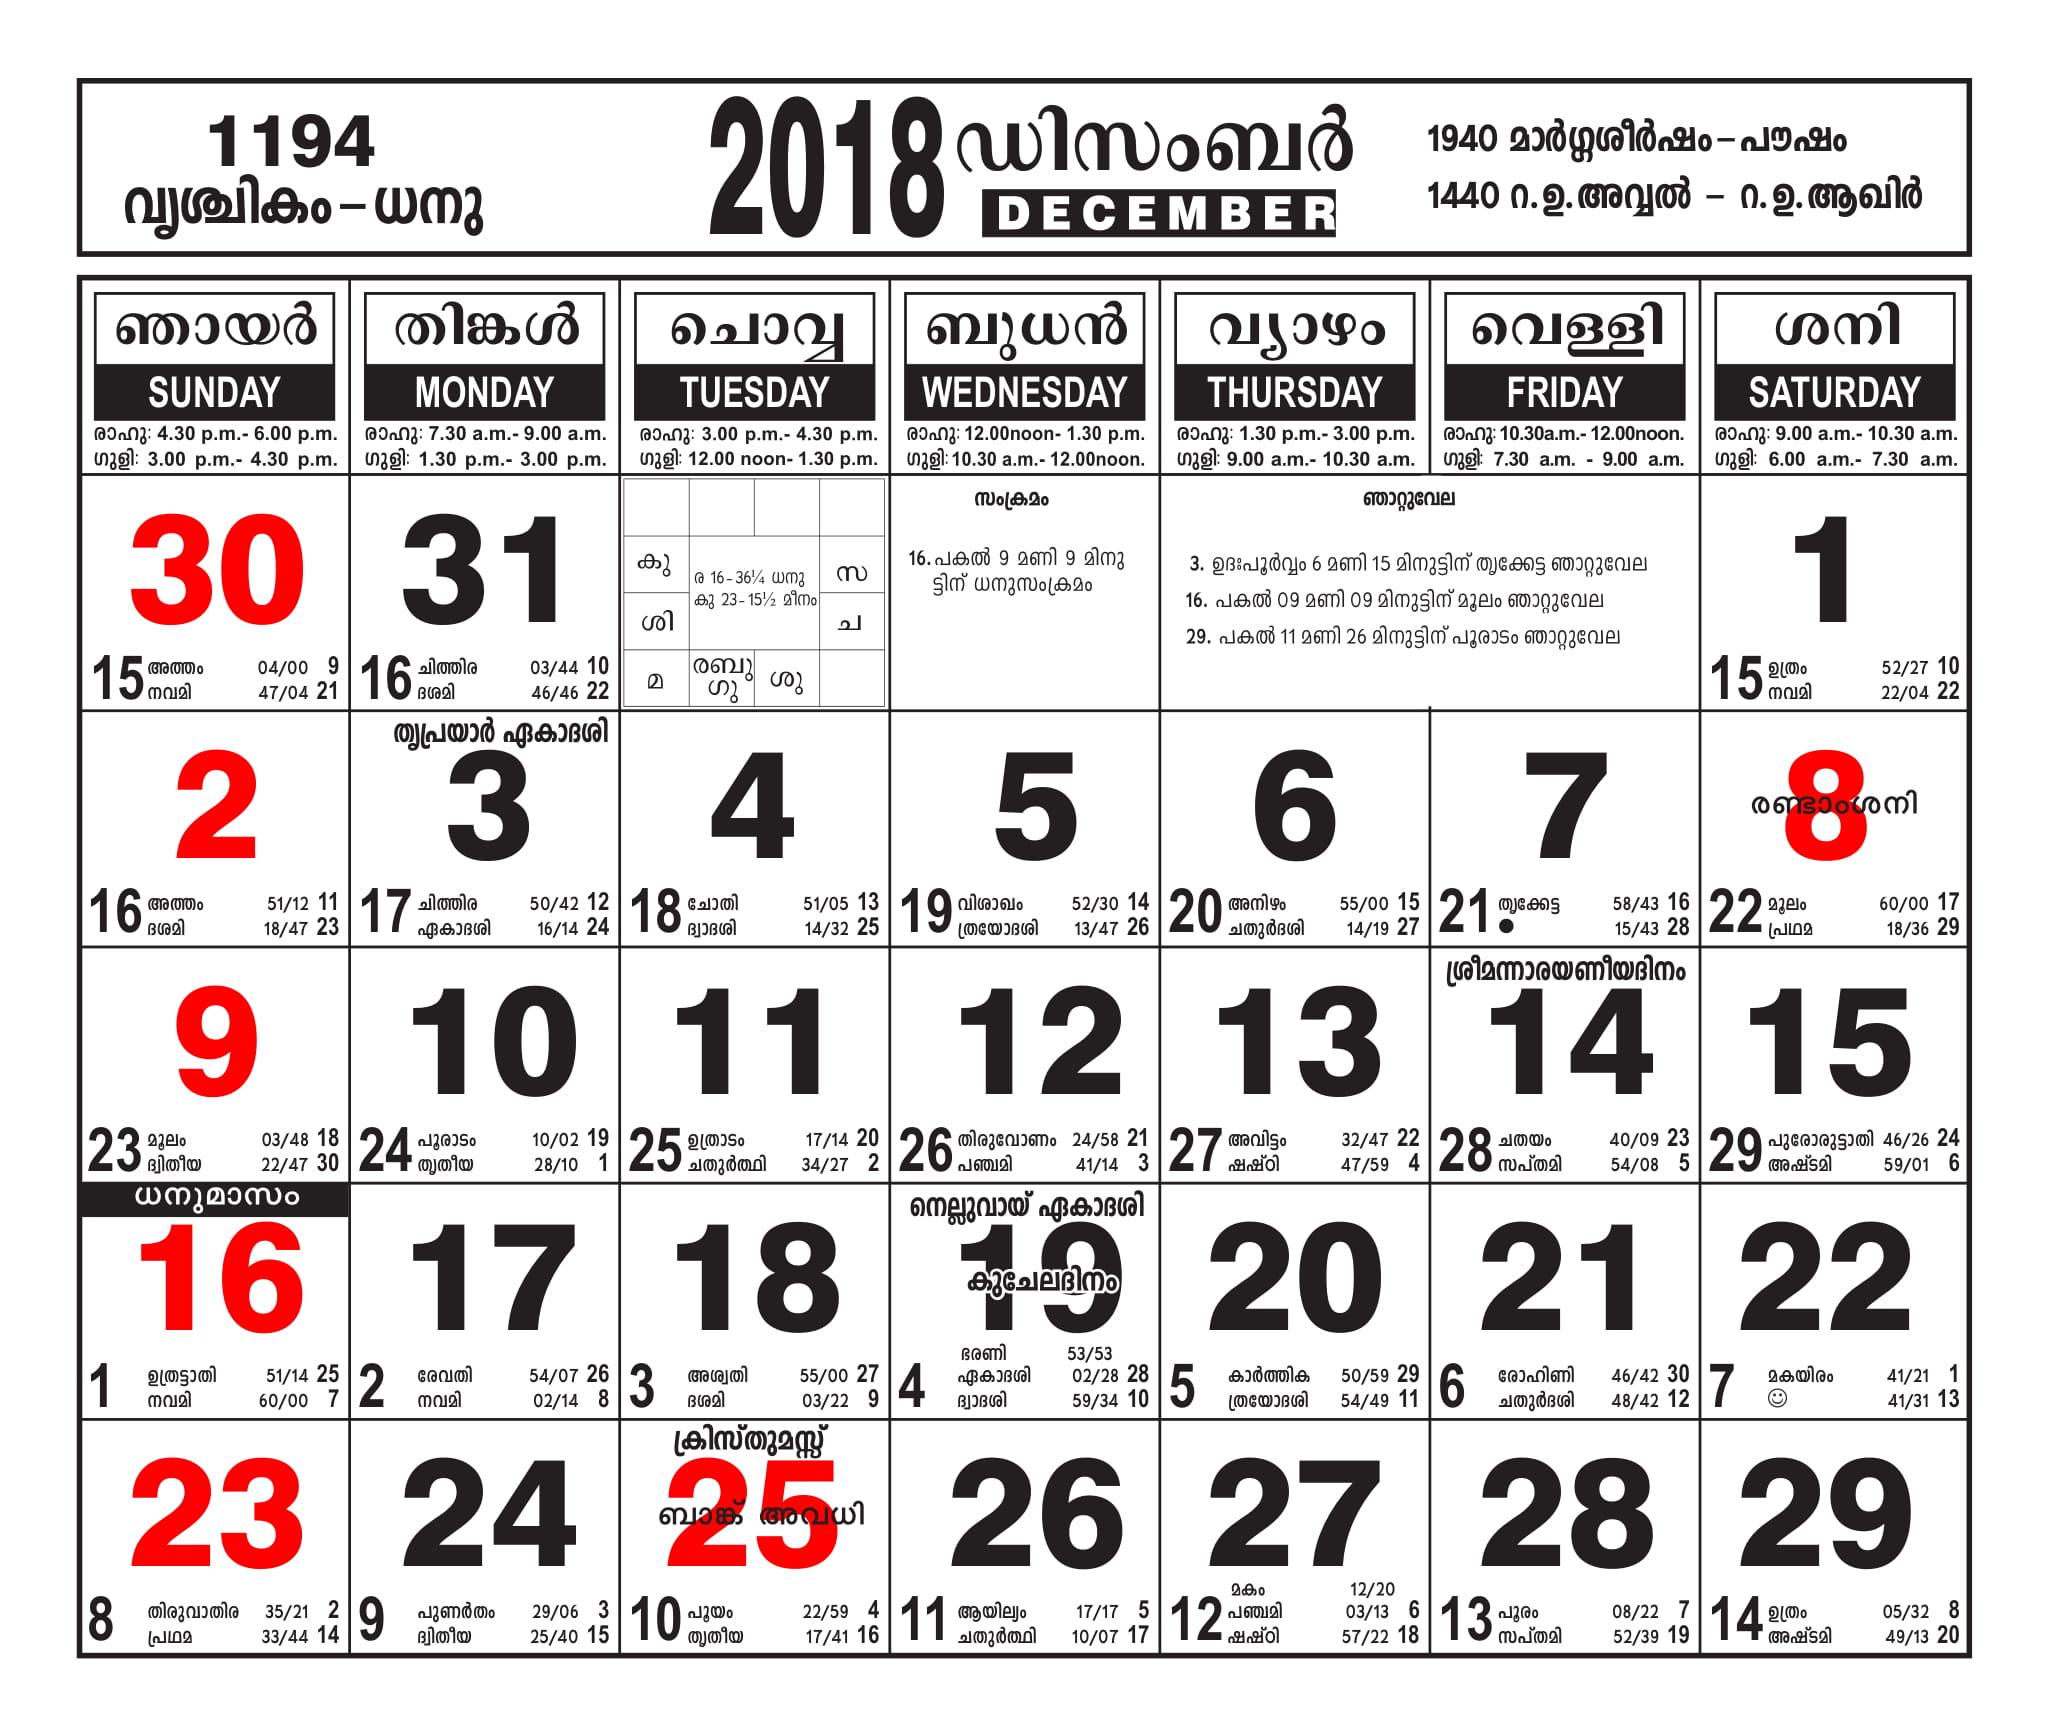 Malayalam Calendar December 2018 – Malayalamcalendars intended for Kerala Government Calendar